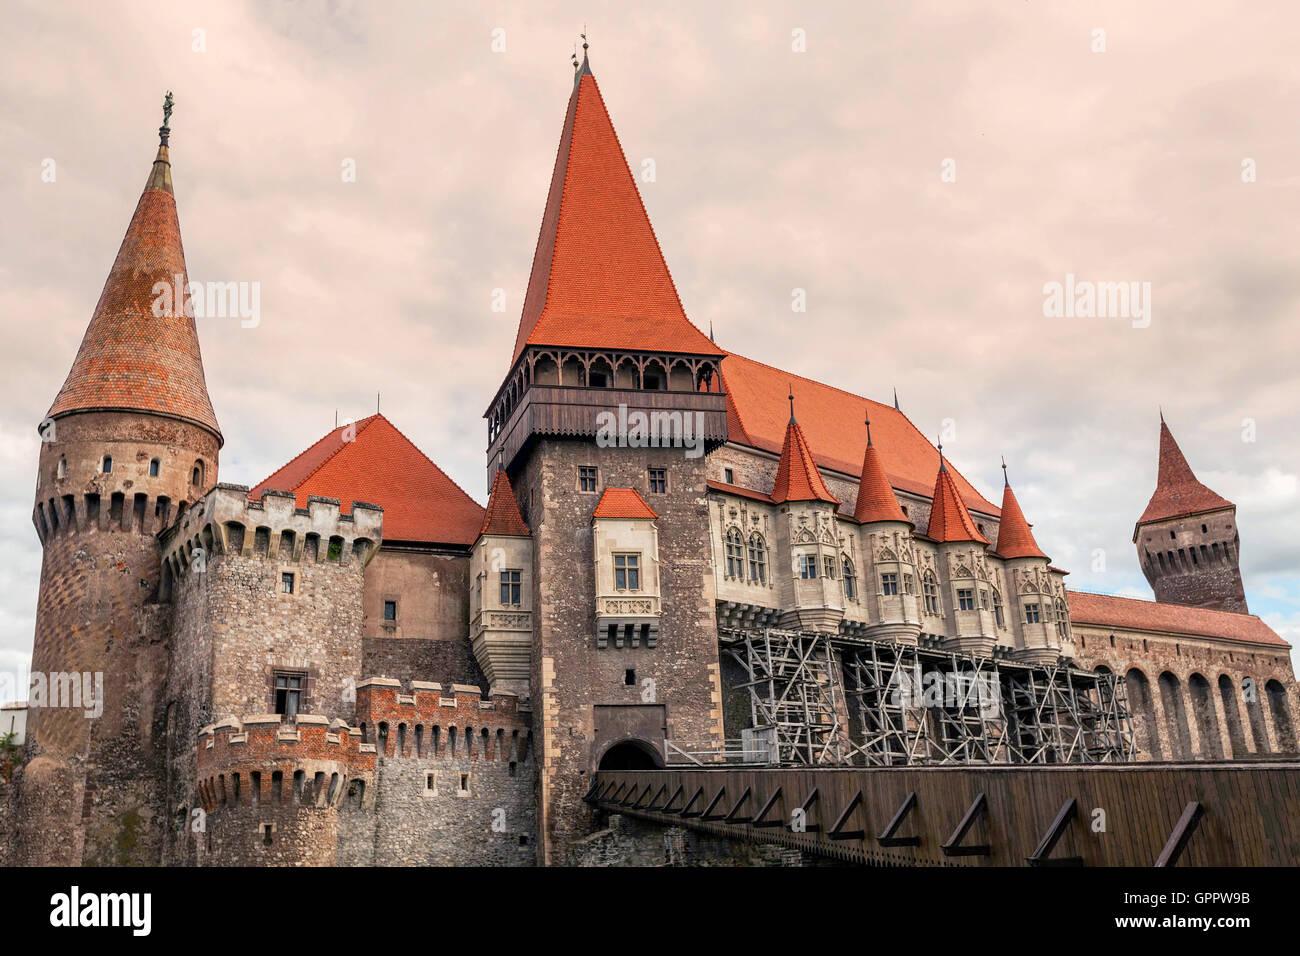 Das Jagdwochenenden Schloss auch bekannt als Hunyad Schlosses ist eine gotisch-Renaissance-Schloss In Hunedoara, Stockbild